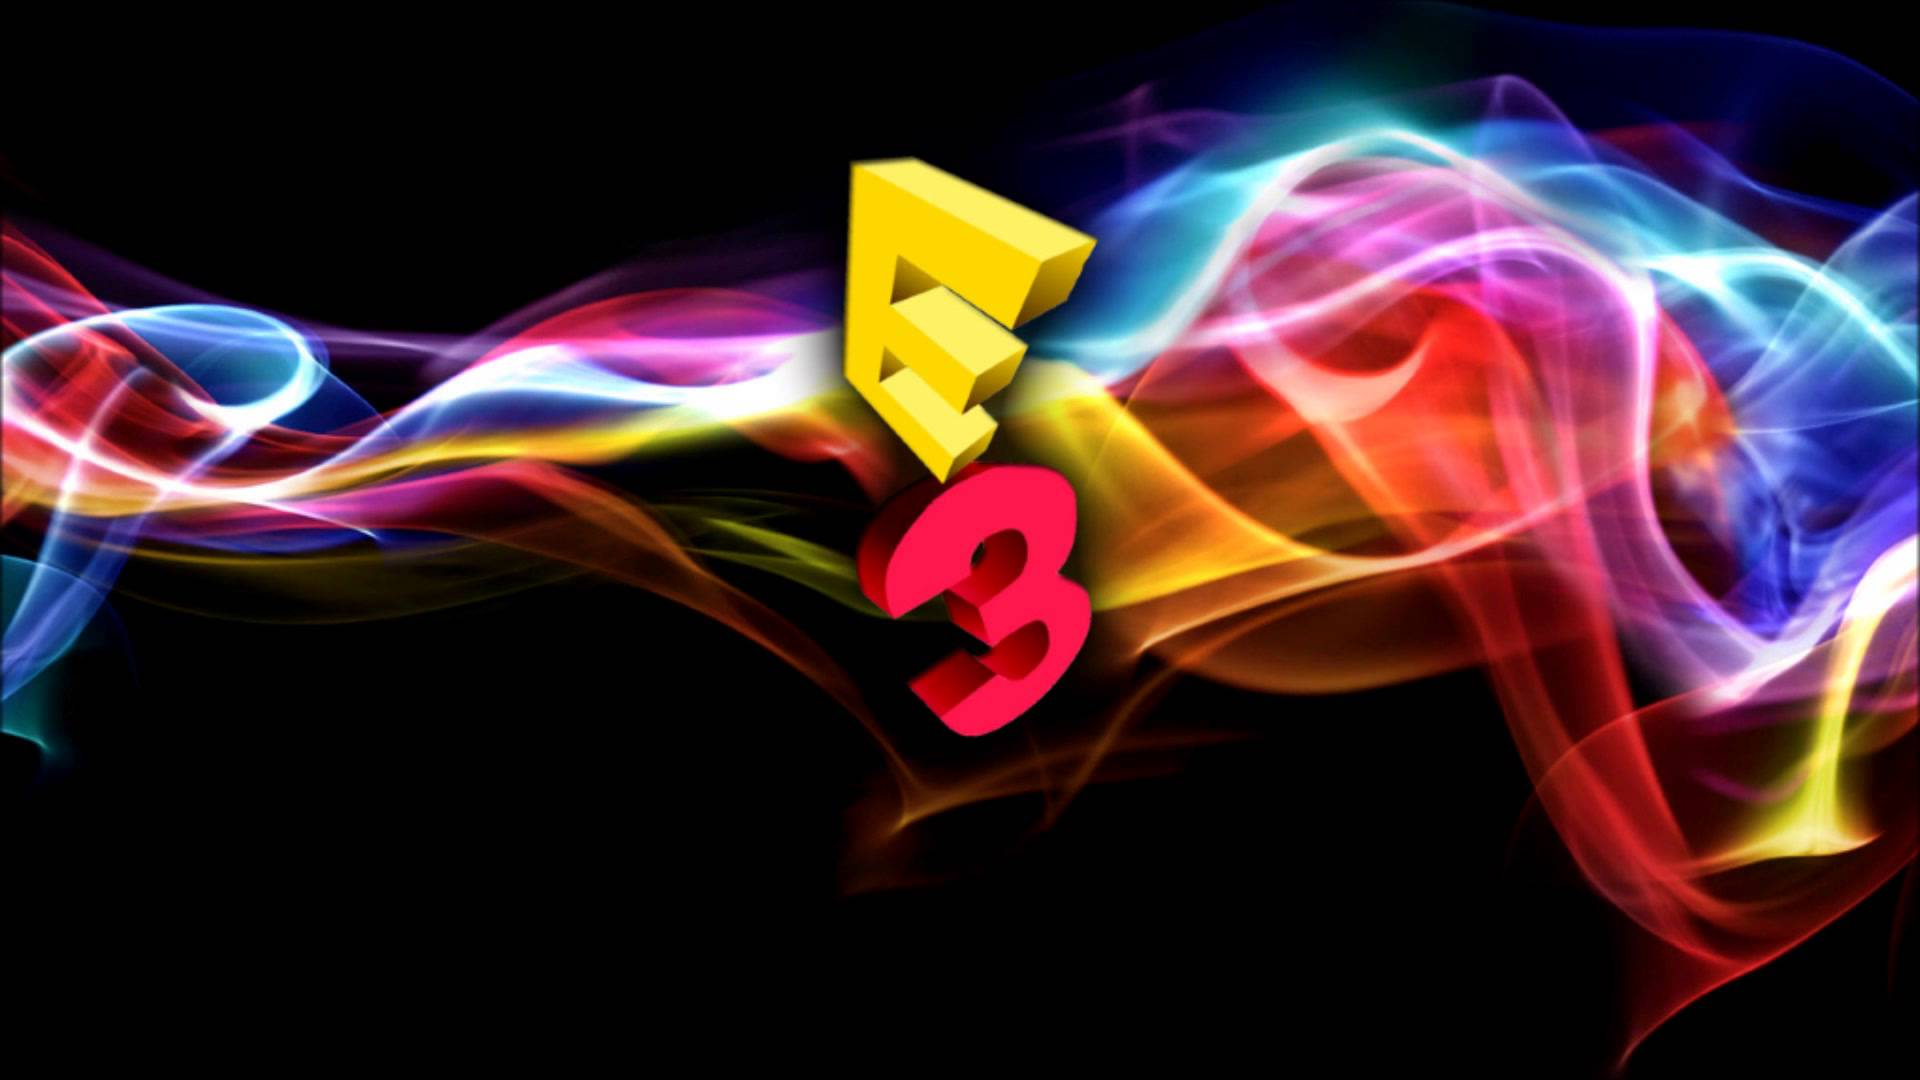 e32015_gamersinbeta